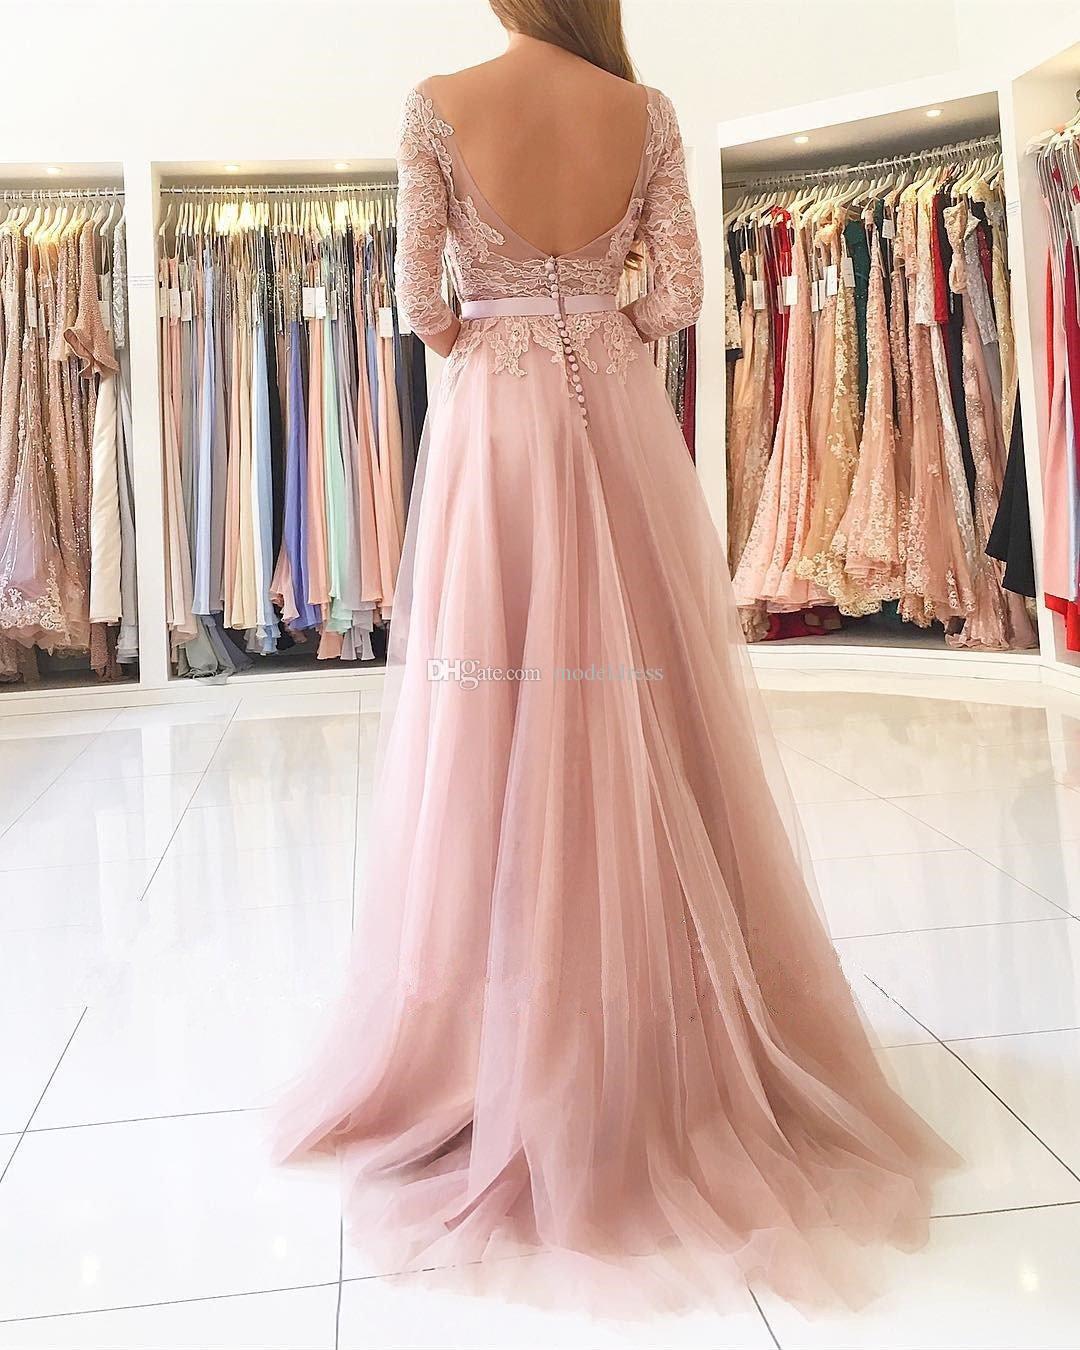 Blush Pink Split lunghi Bridesmaids Dresses 2020 Sheer collo 3/4 maniche lunghe in pizzo Appliques cameriera d'onore Paese Invitato a un matrimonio abiti a buon mercato